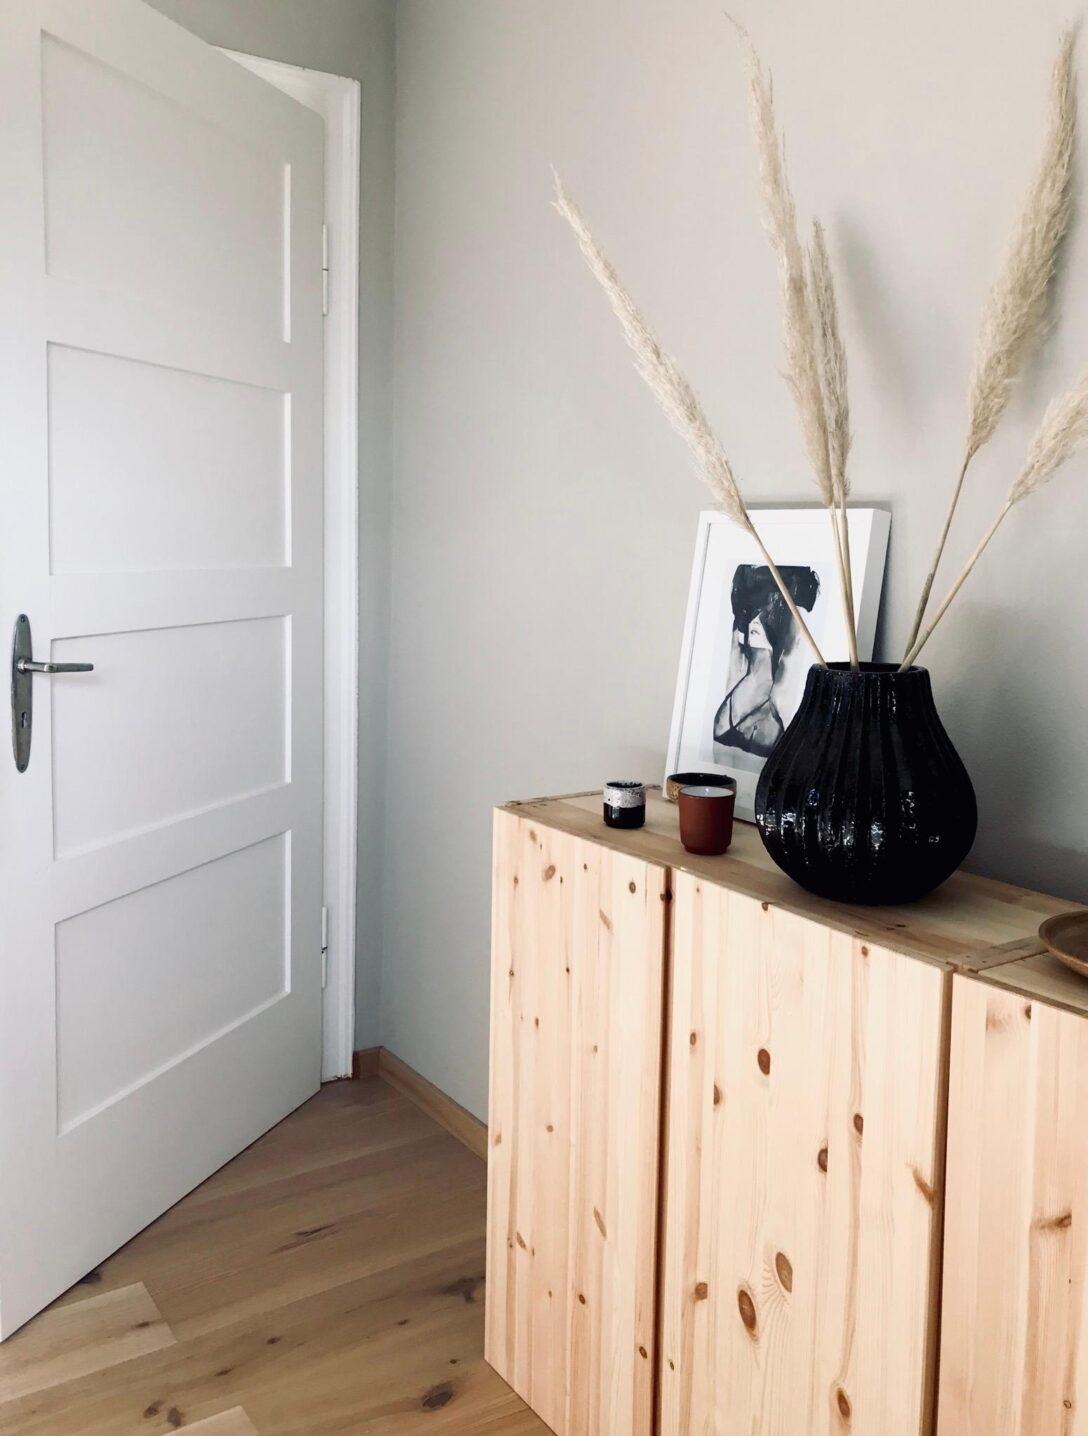 Large Size of Schlafzimmer Interior Deko Wand Sideboard Küche Badezimmer Wohnzimmer Wanddeko Für Dekoration Mit Arbeitsplatte Wohnzimmer Deko Sideboard